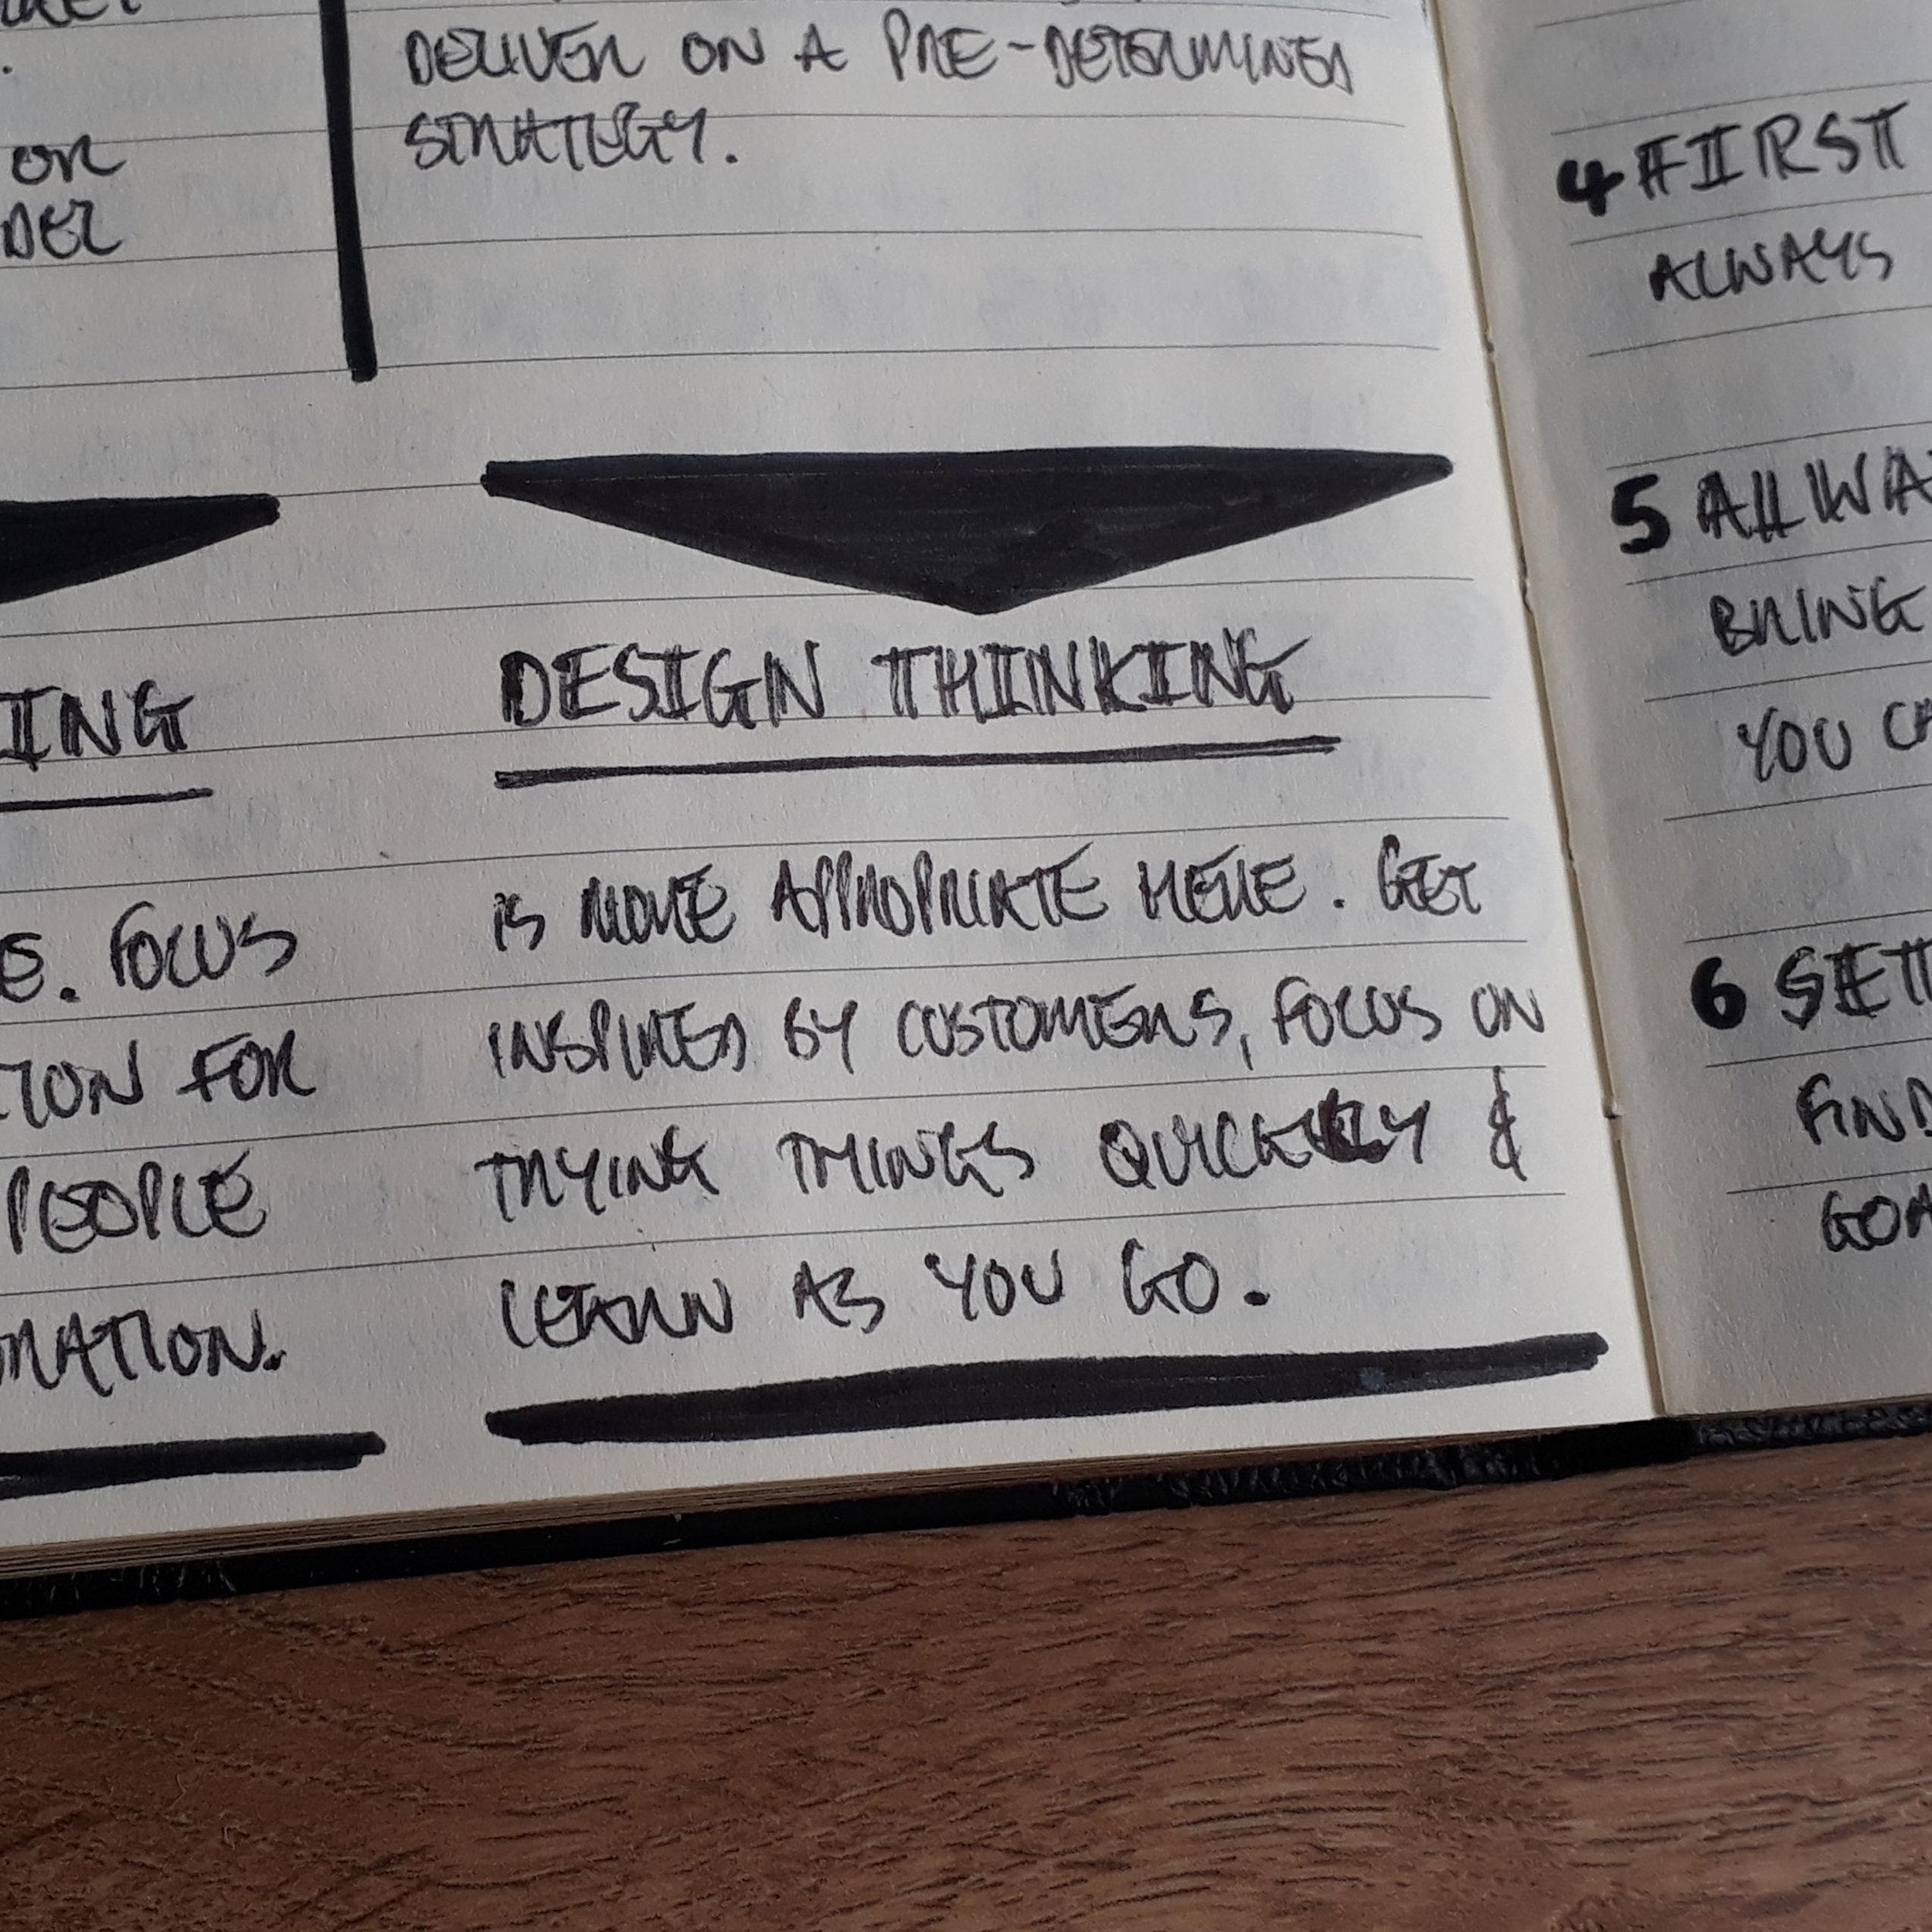 StrategicThinkingVs.DesignThinking4.jpg